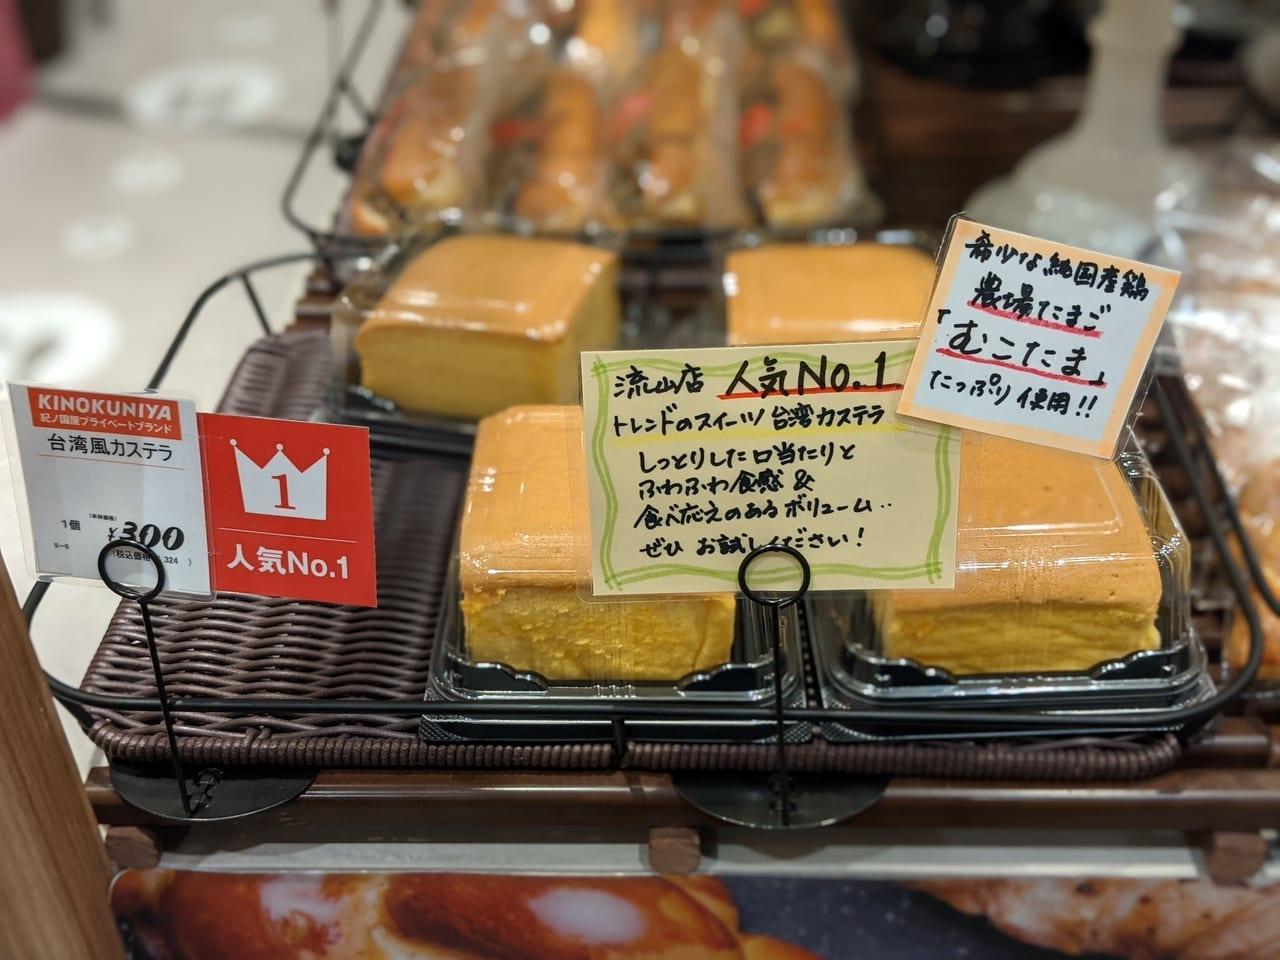 大人気の台湾カステラはKINOKUNIYAのベーカリー部門人気No.1!売切れ必至のそのお味は?